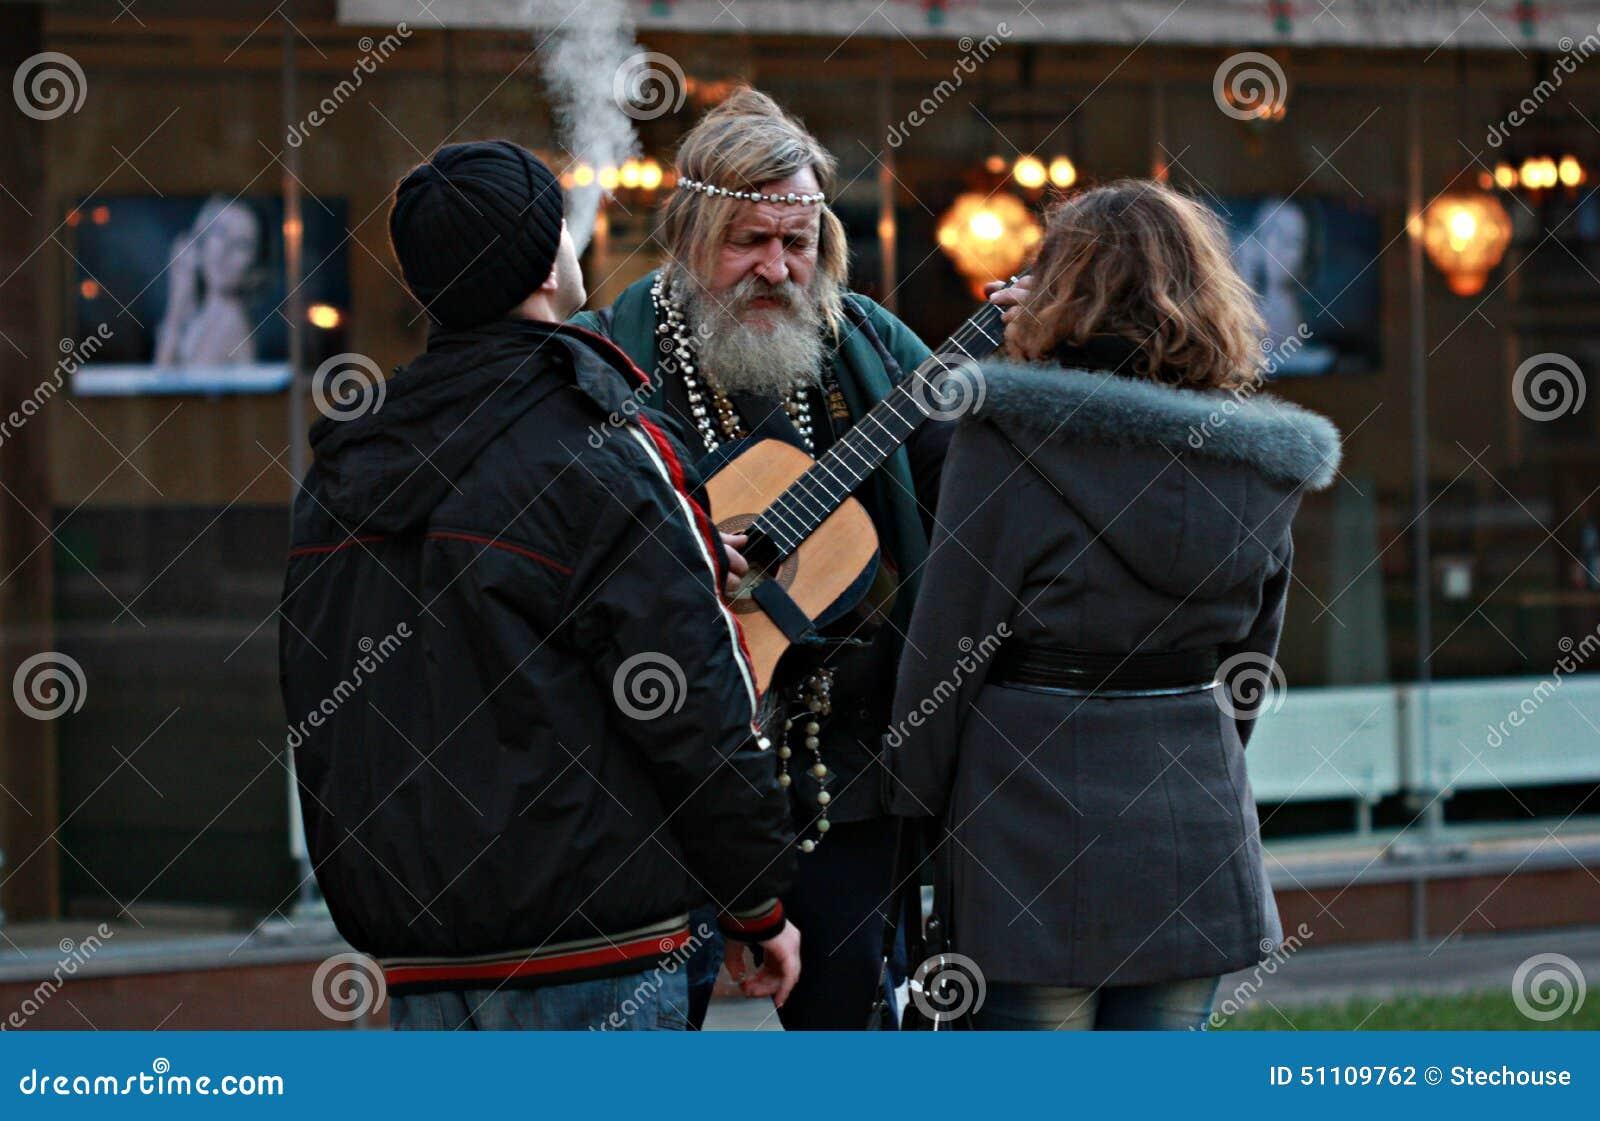 嬉皮的人在傲德萨,乌克兰弹吉他